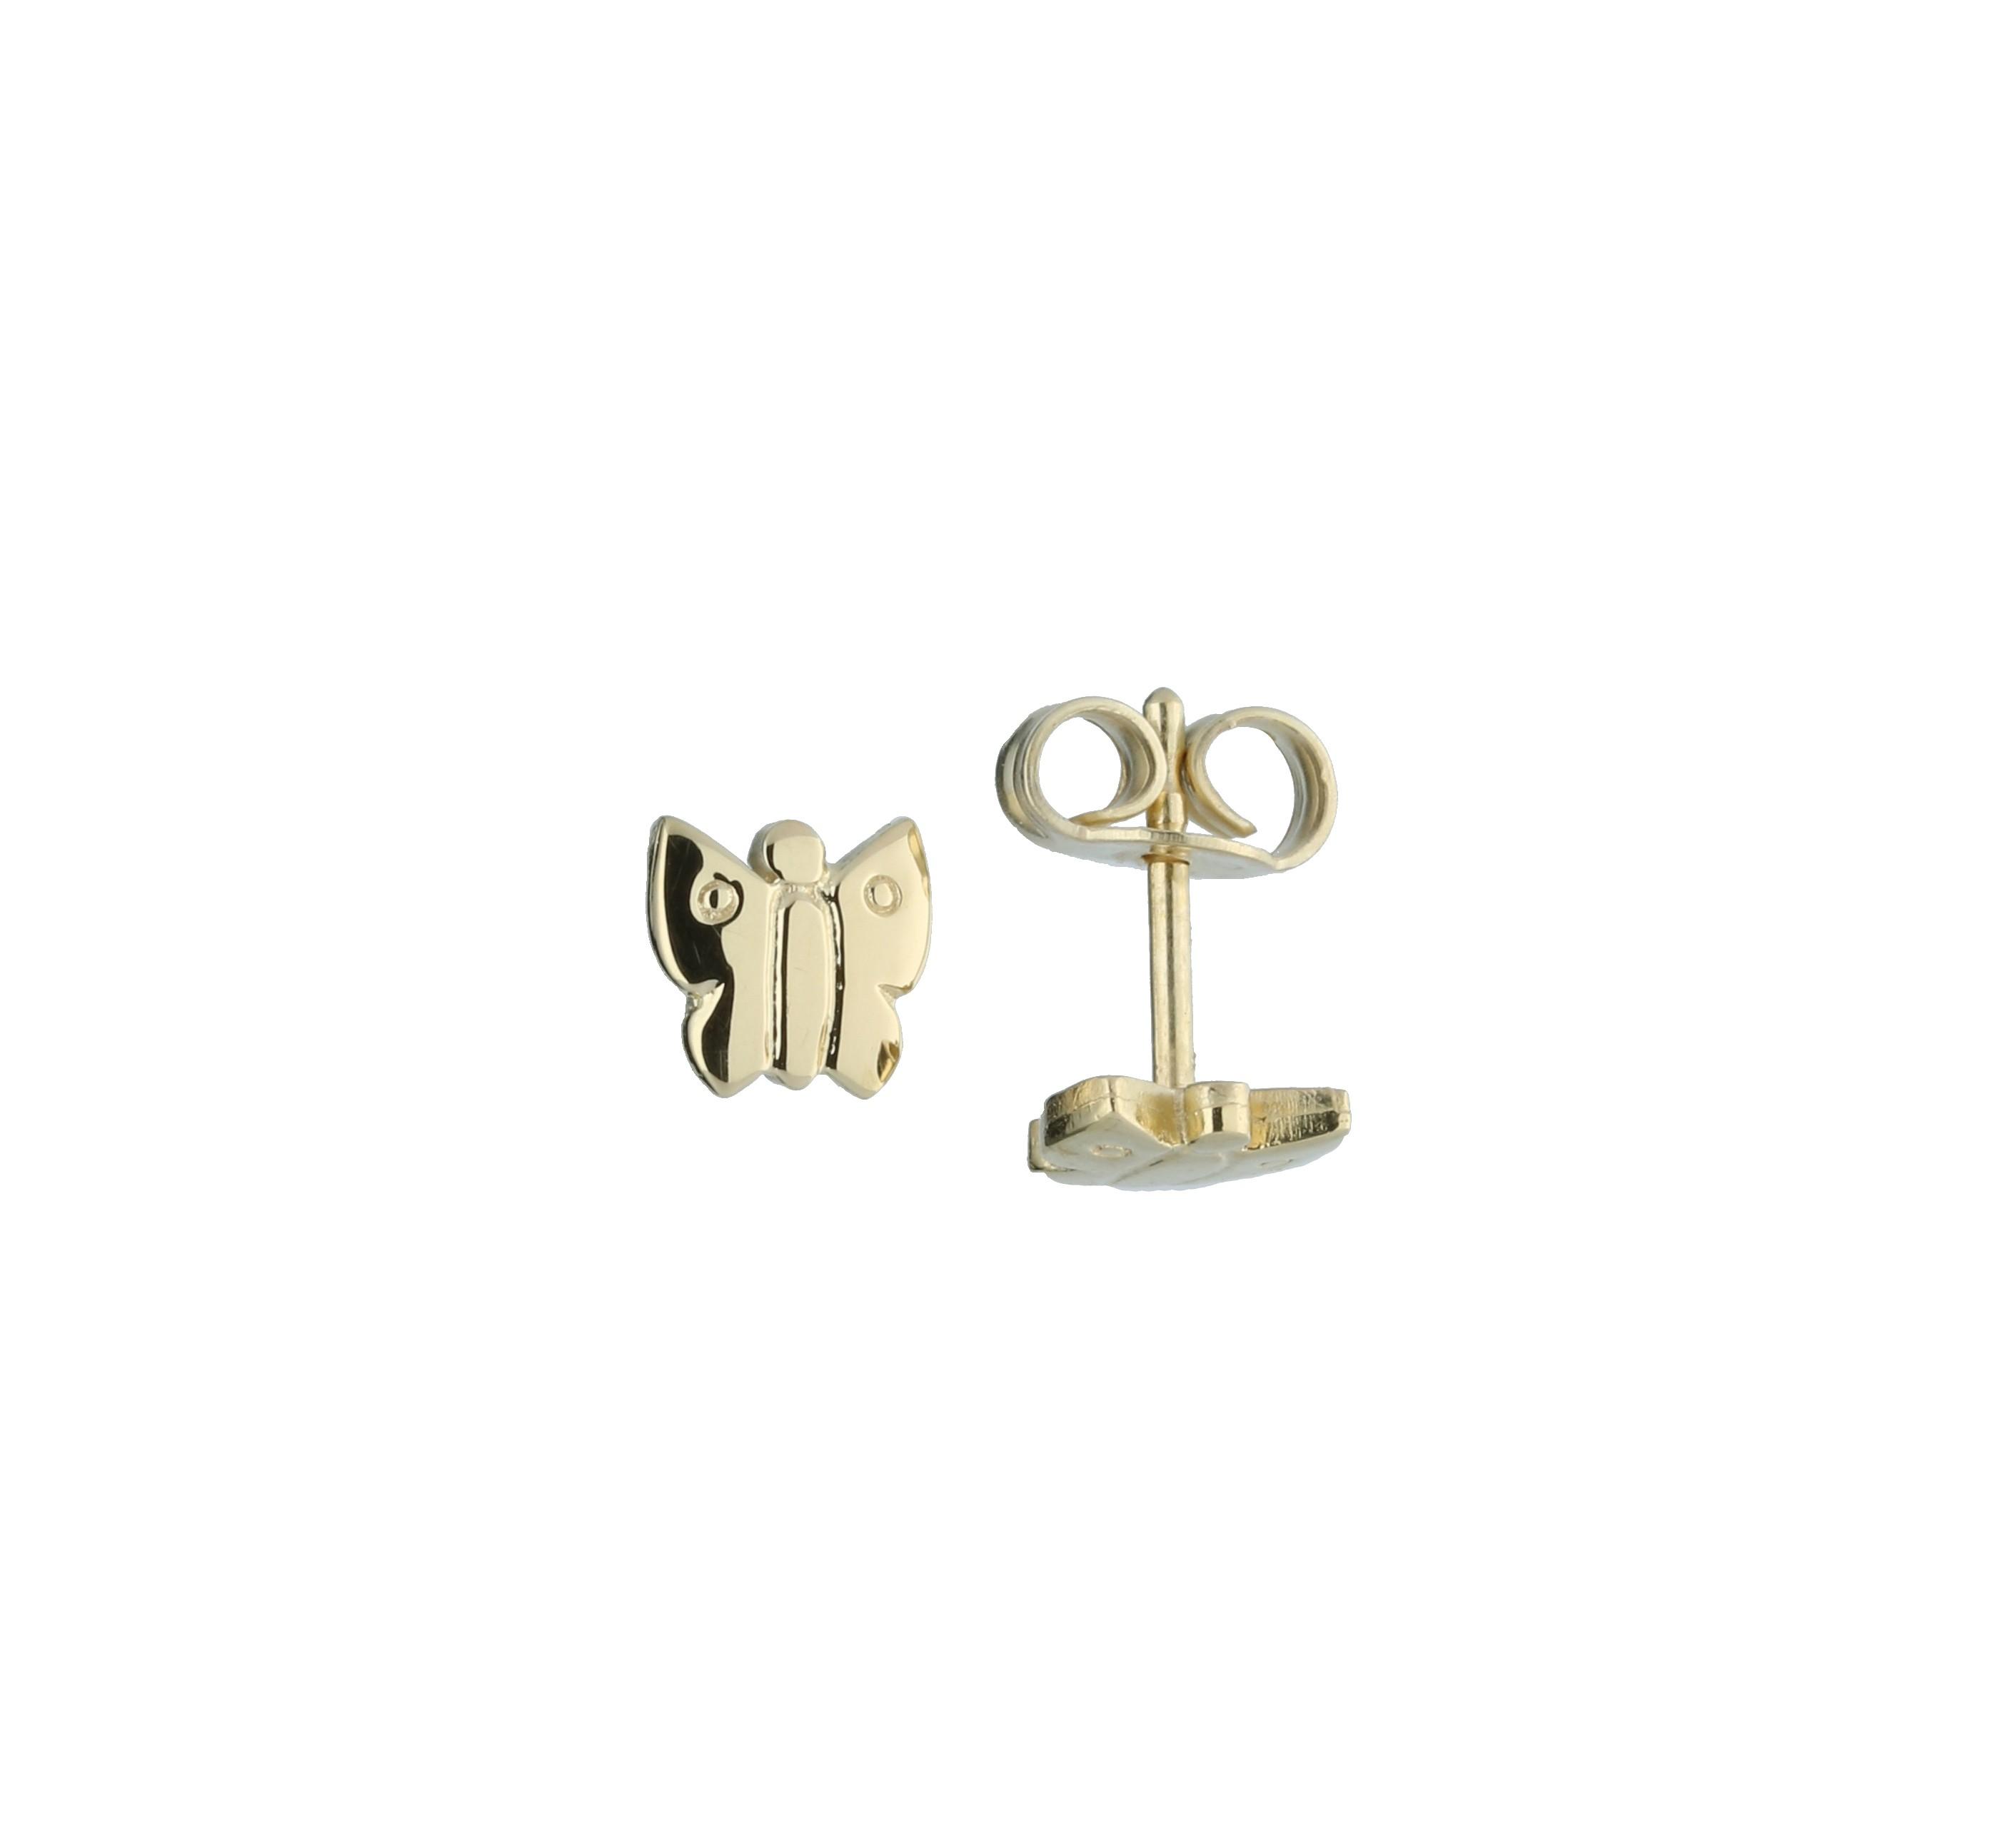 Glow Gouden Kinderoorknopjes - Vlinder  206.0486.00